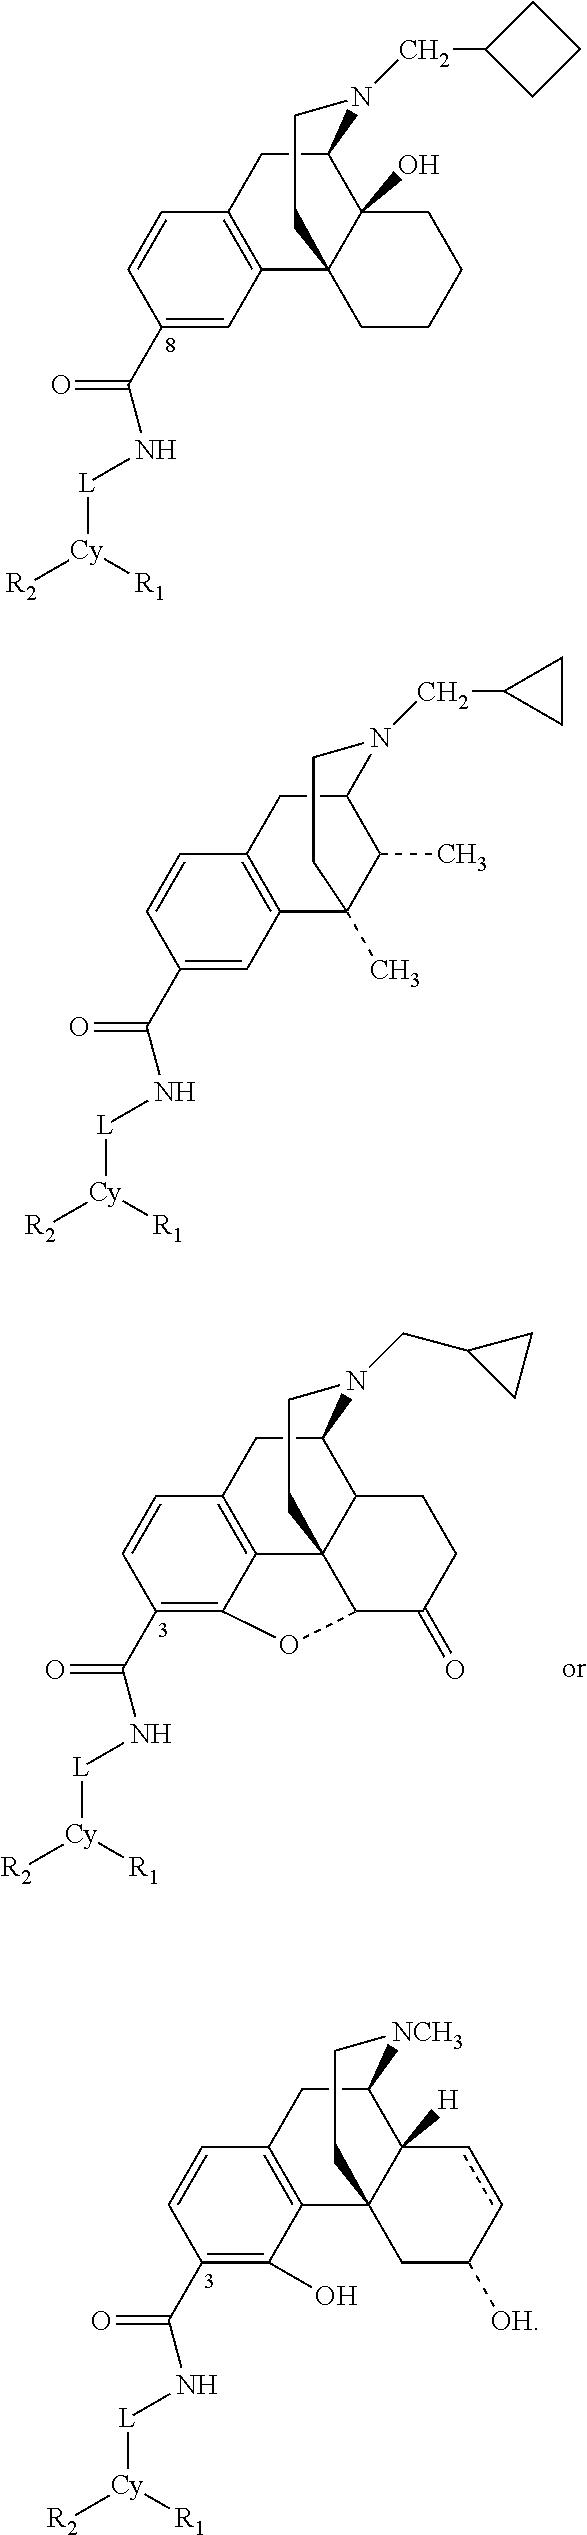 Figure US08957085-20150217-C00025